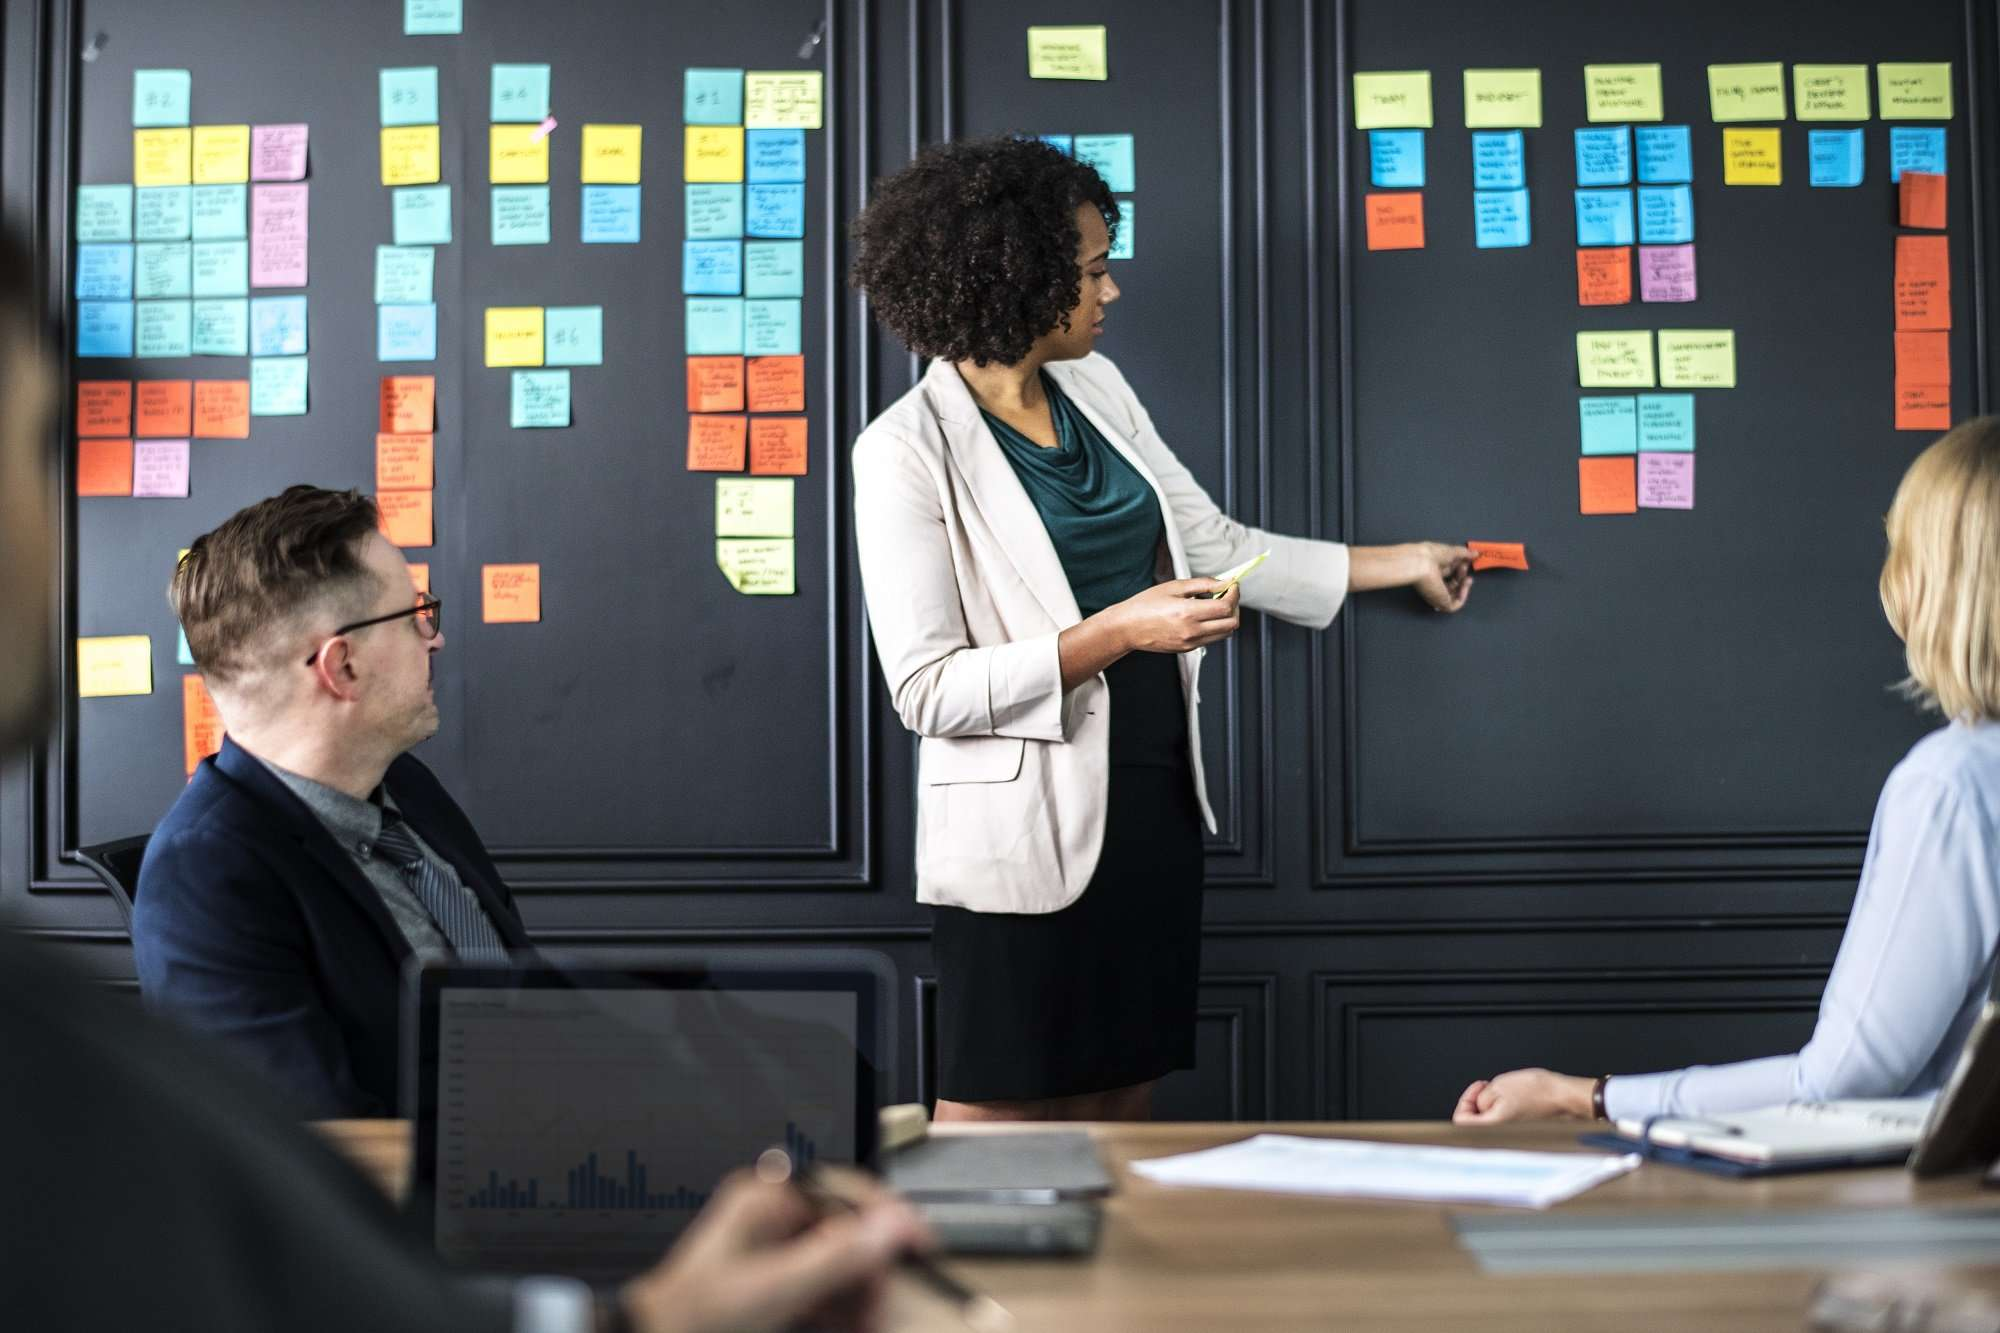 Le stratégie digital pour votre entreprise